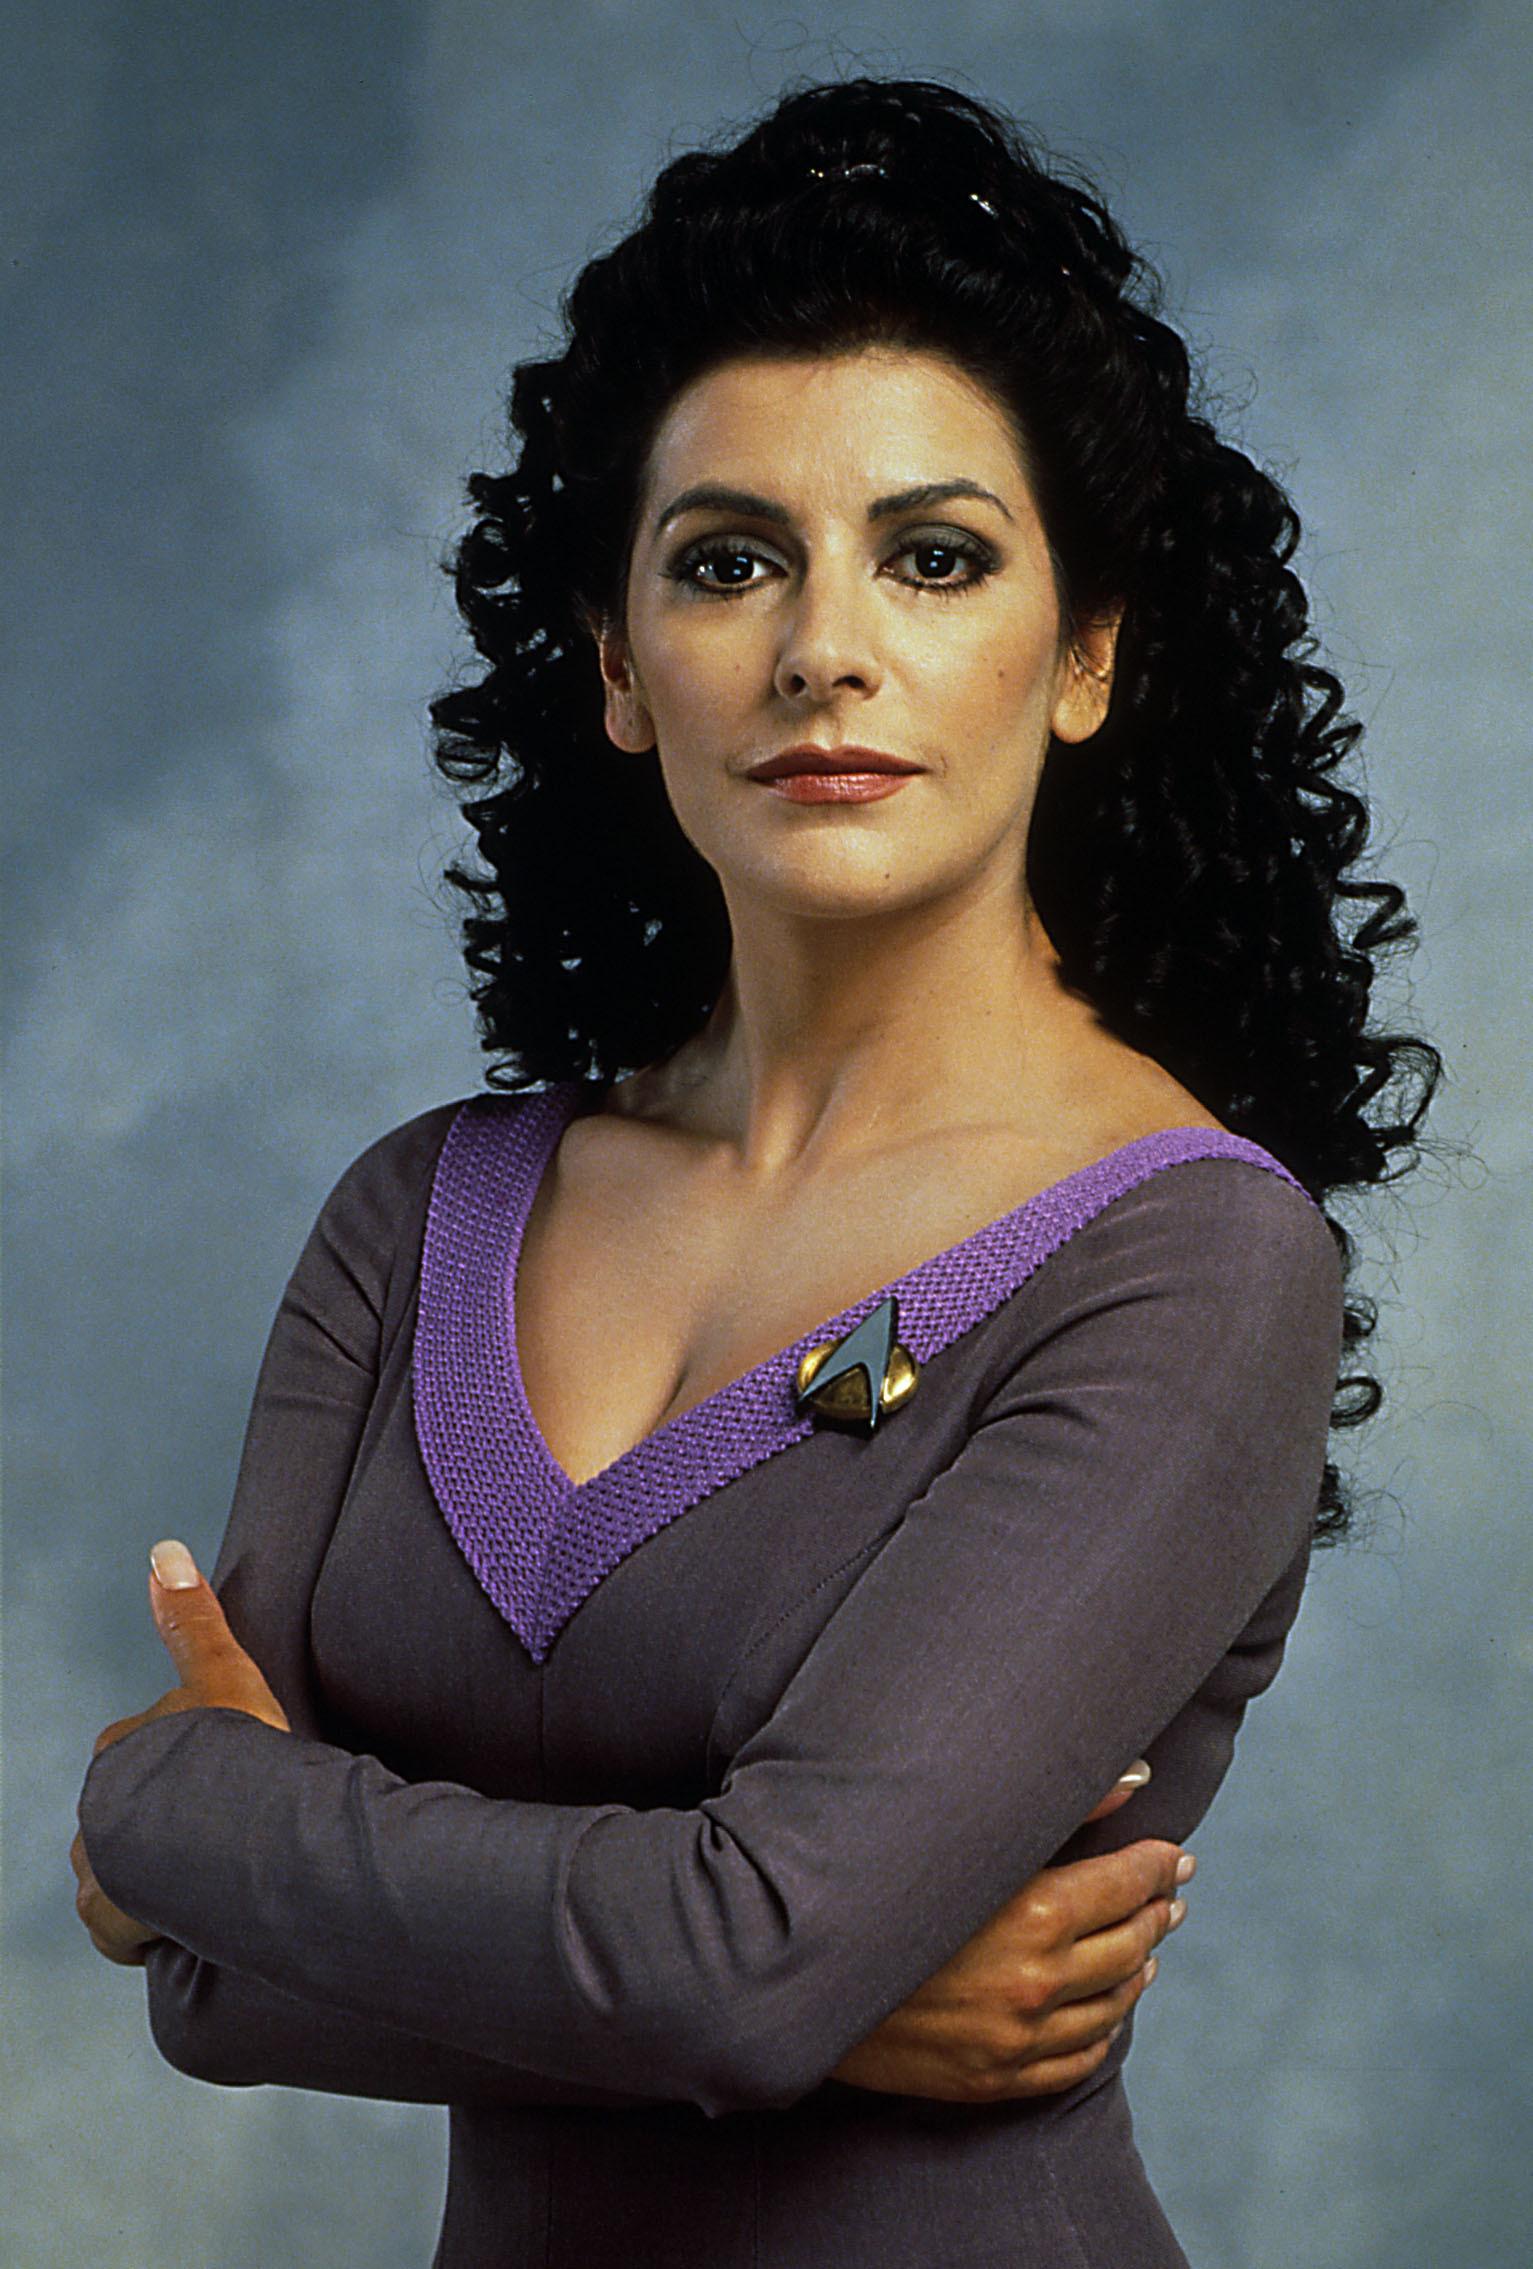 Image result for Marina Sirtis Star Trek